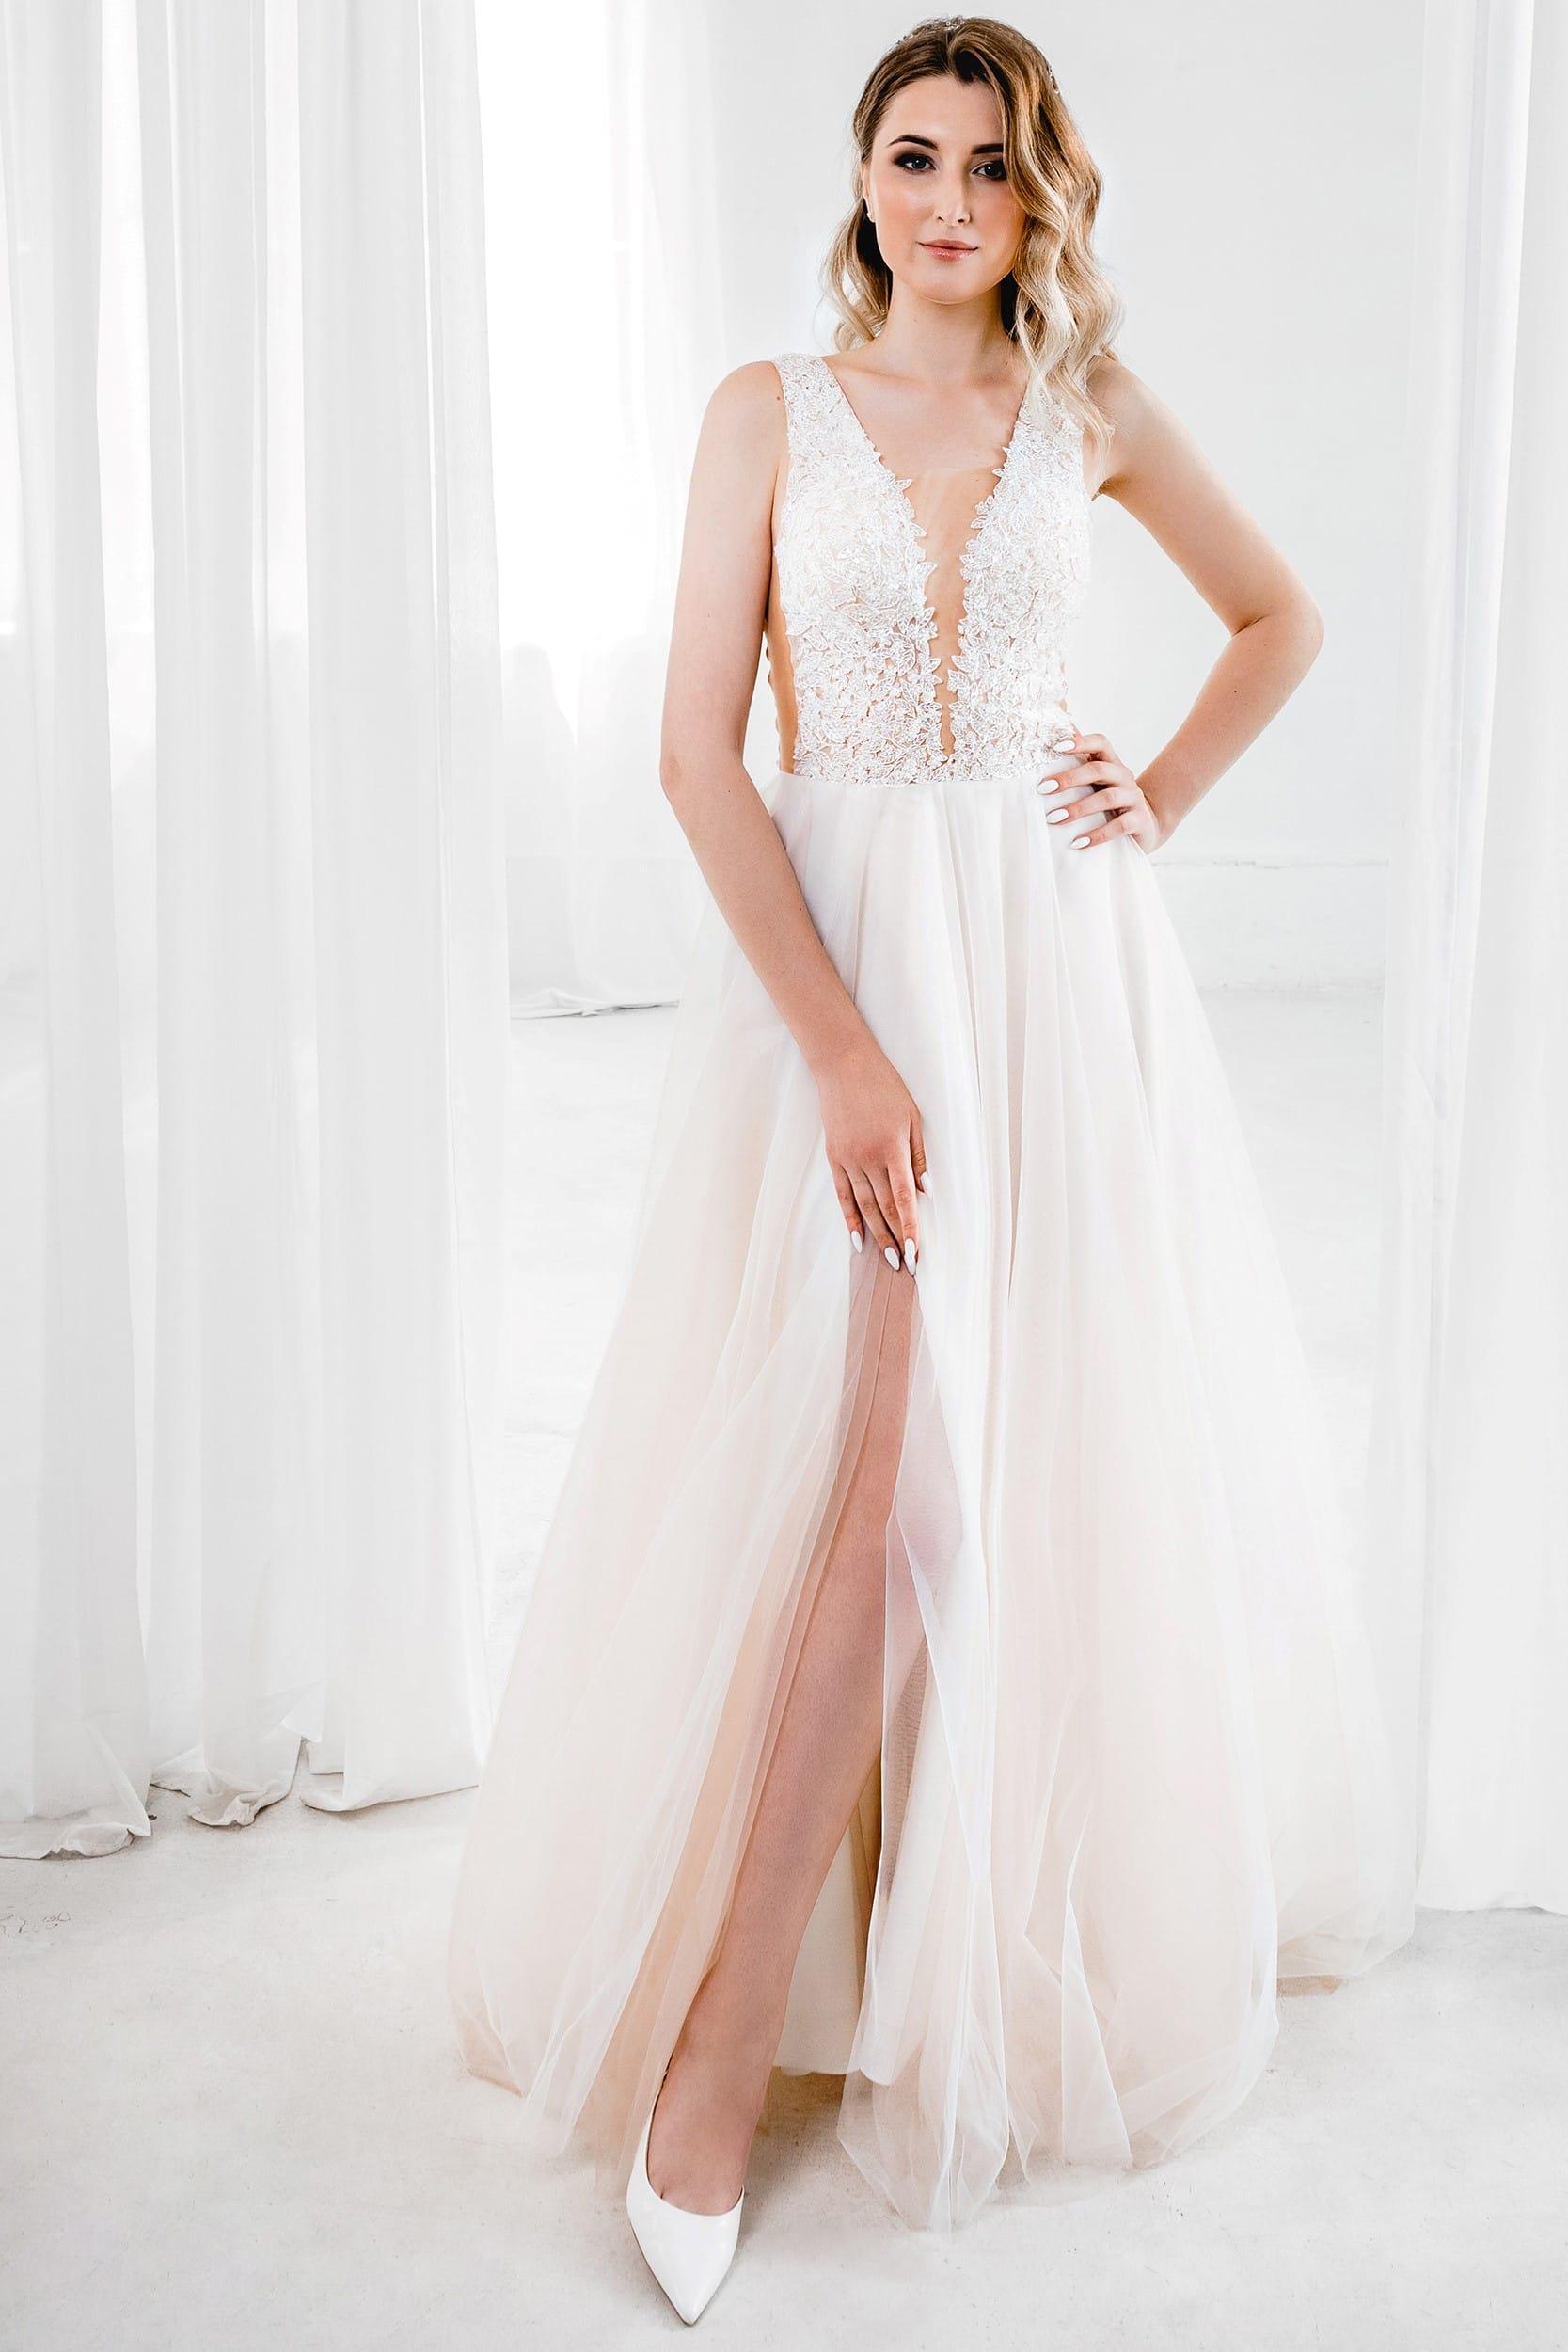 Свадебное платье с открытыми плечами, открытым декольте и открытой спиной. А-силуэт, стиль классический, цвет песочный, без рукава